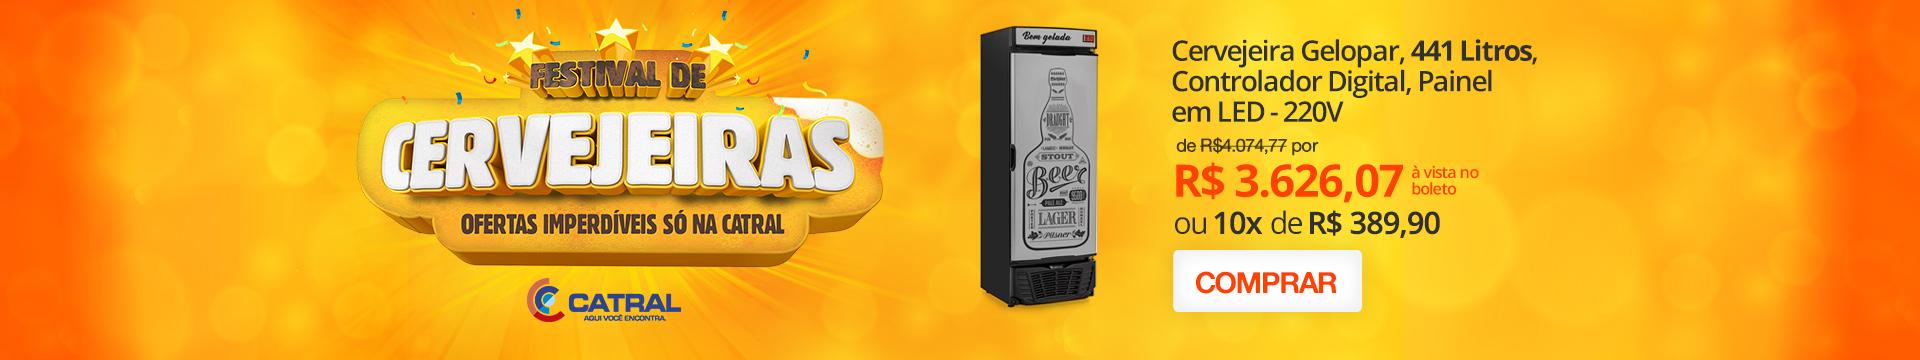 Cervejeiras frete grátis - Produto 3